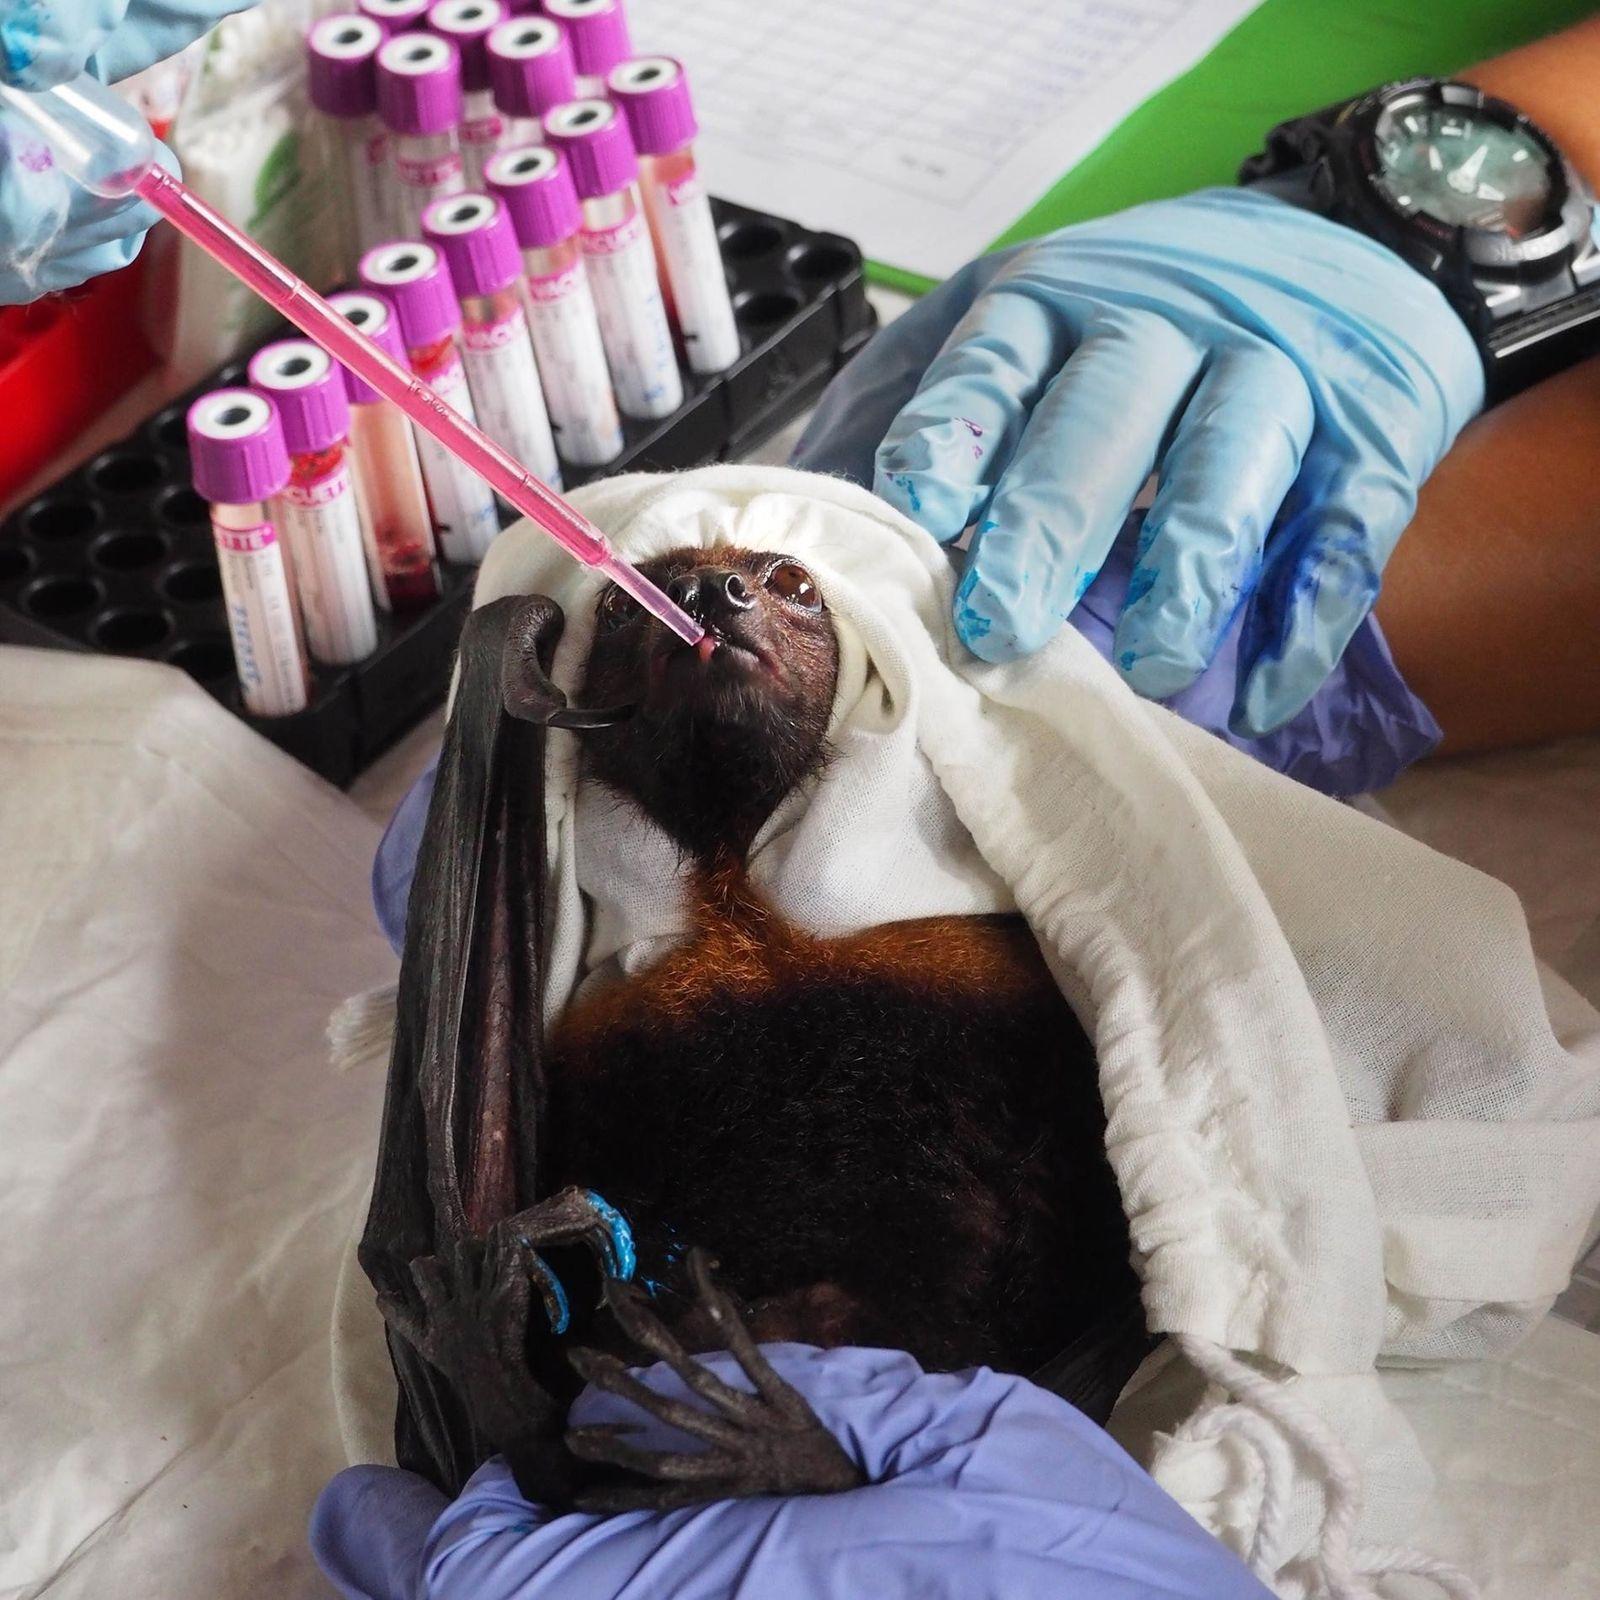 Um morcego frugívoro recebe um pouco de alimento após veterinários coletarem uma amostra de seu sangue ...